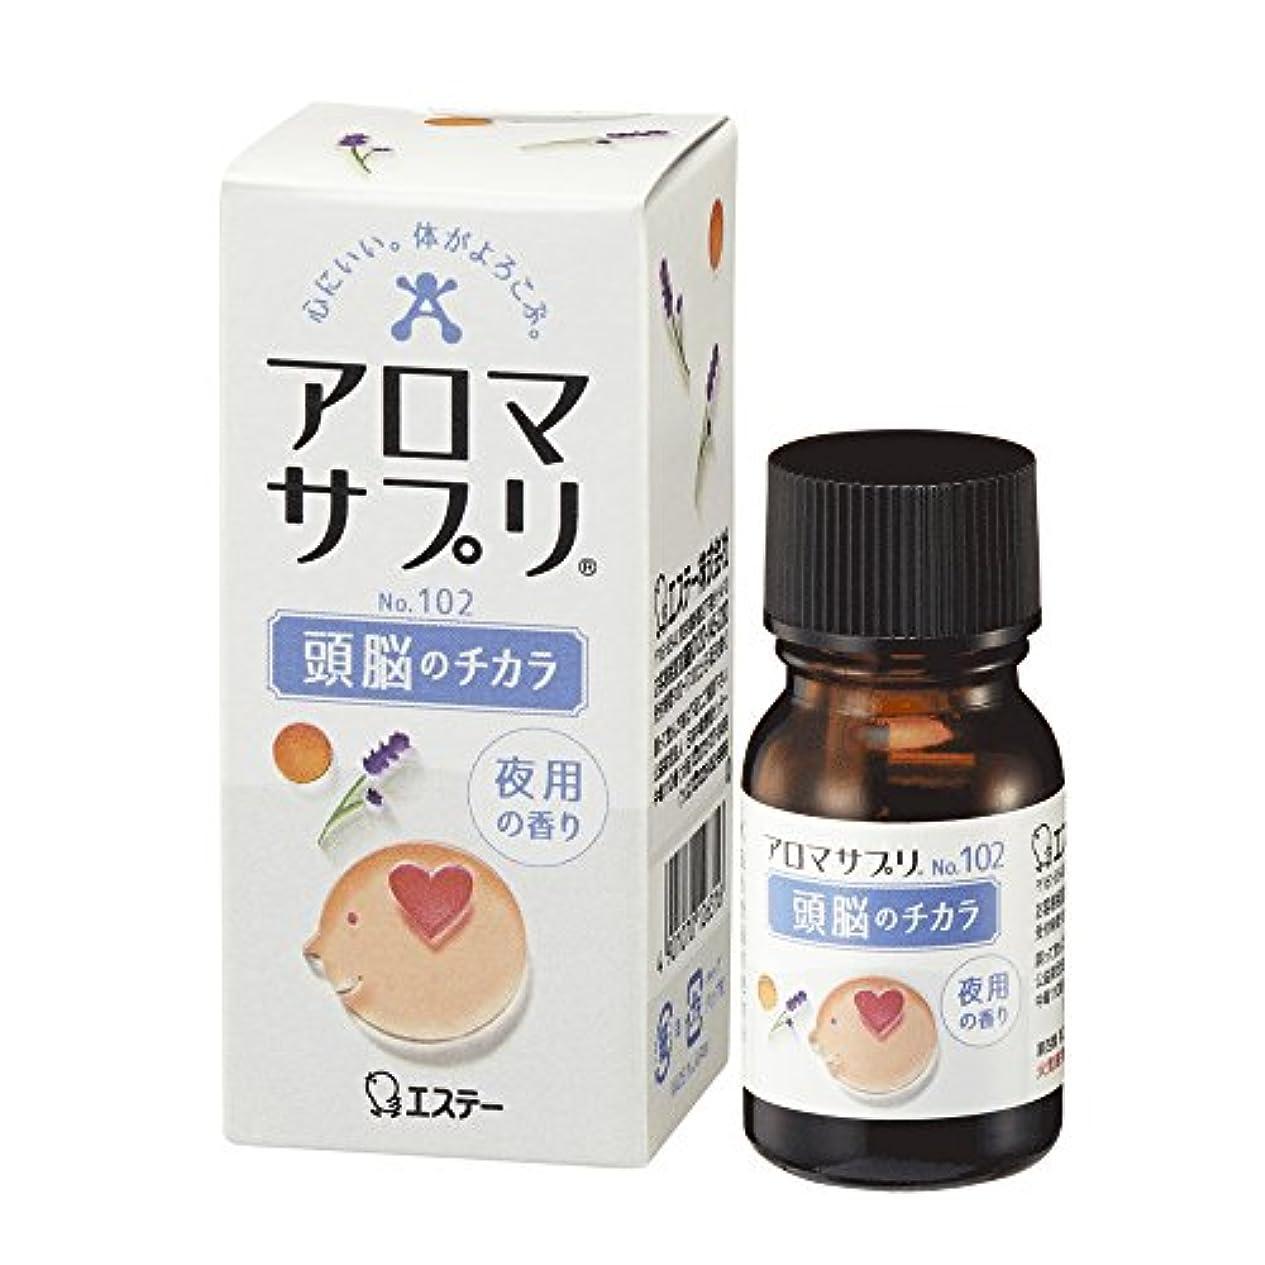 喜ぶ移行する慣性アロマサプリ 100%天然ブレンドアロマ 頭脳のチカラ 夜用の香り 真正ラベンダー&スイートオレンジ 10ml (約60回分)